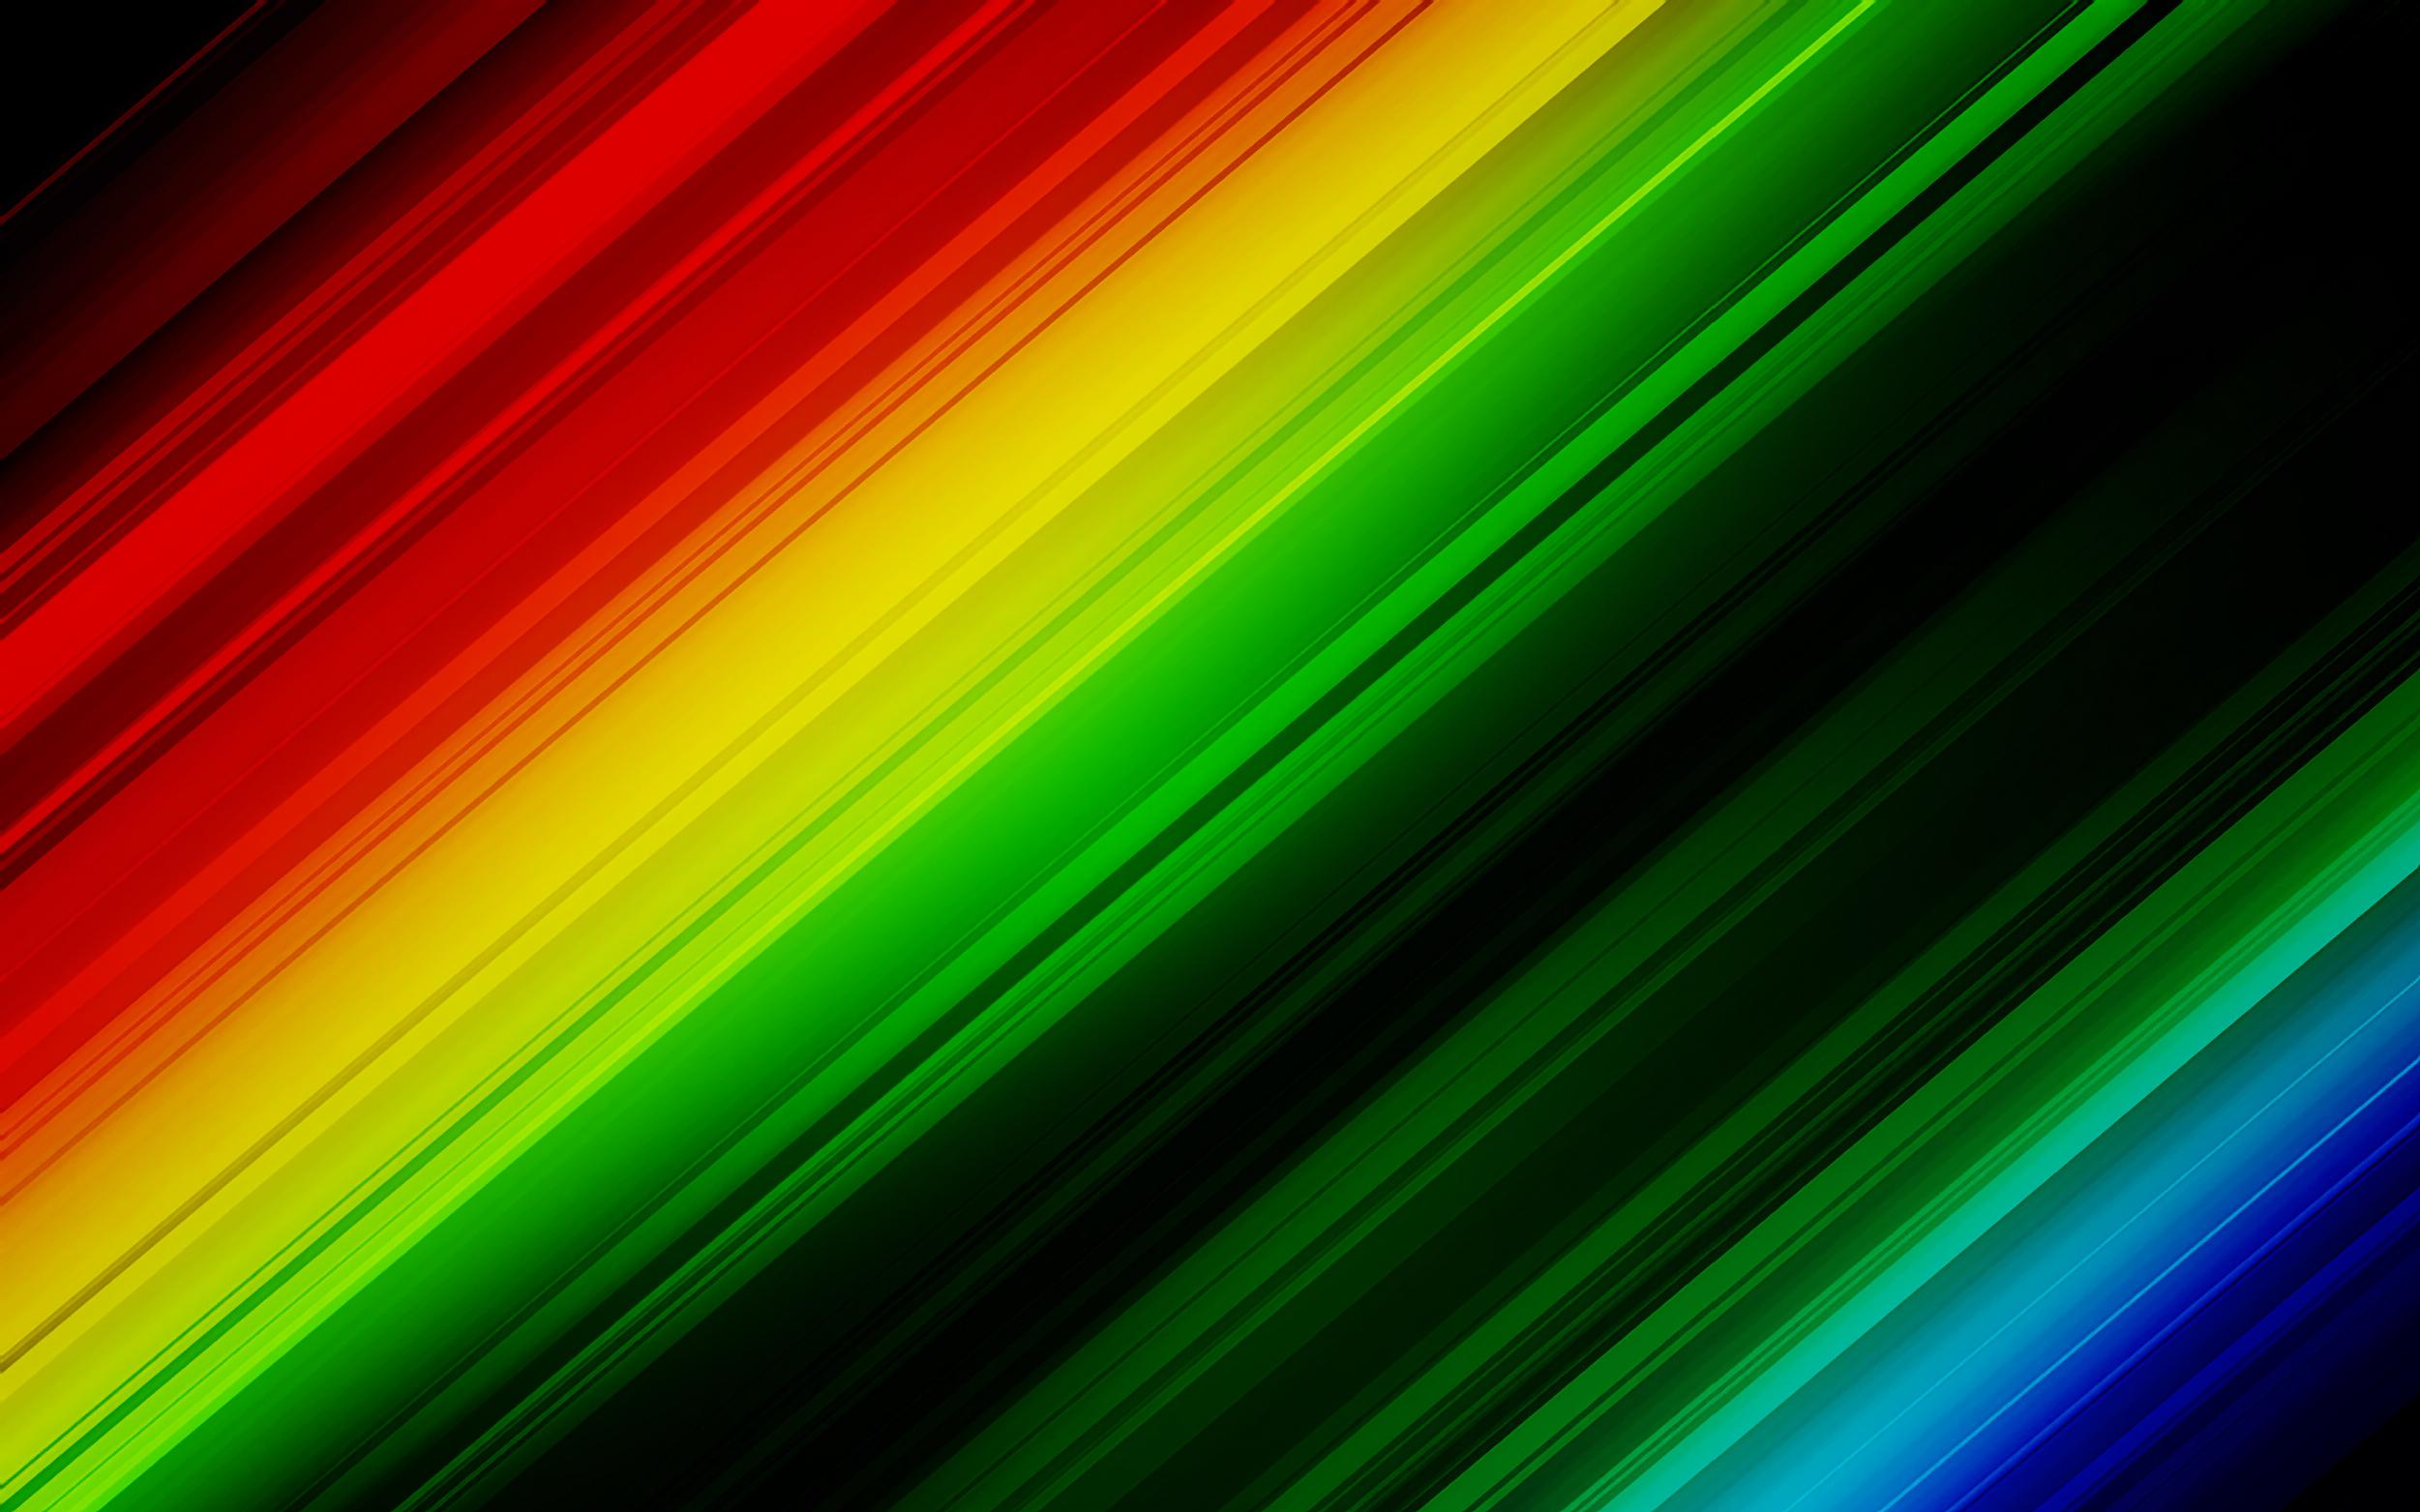 RGB Farbstreifen